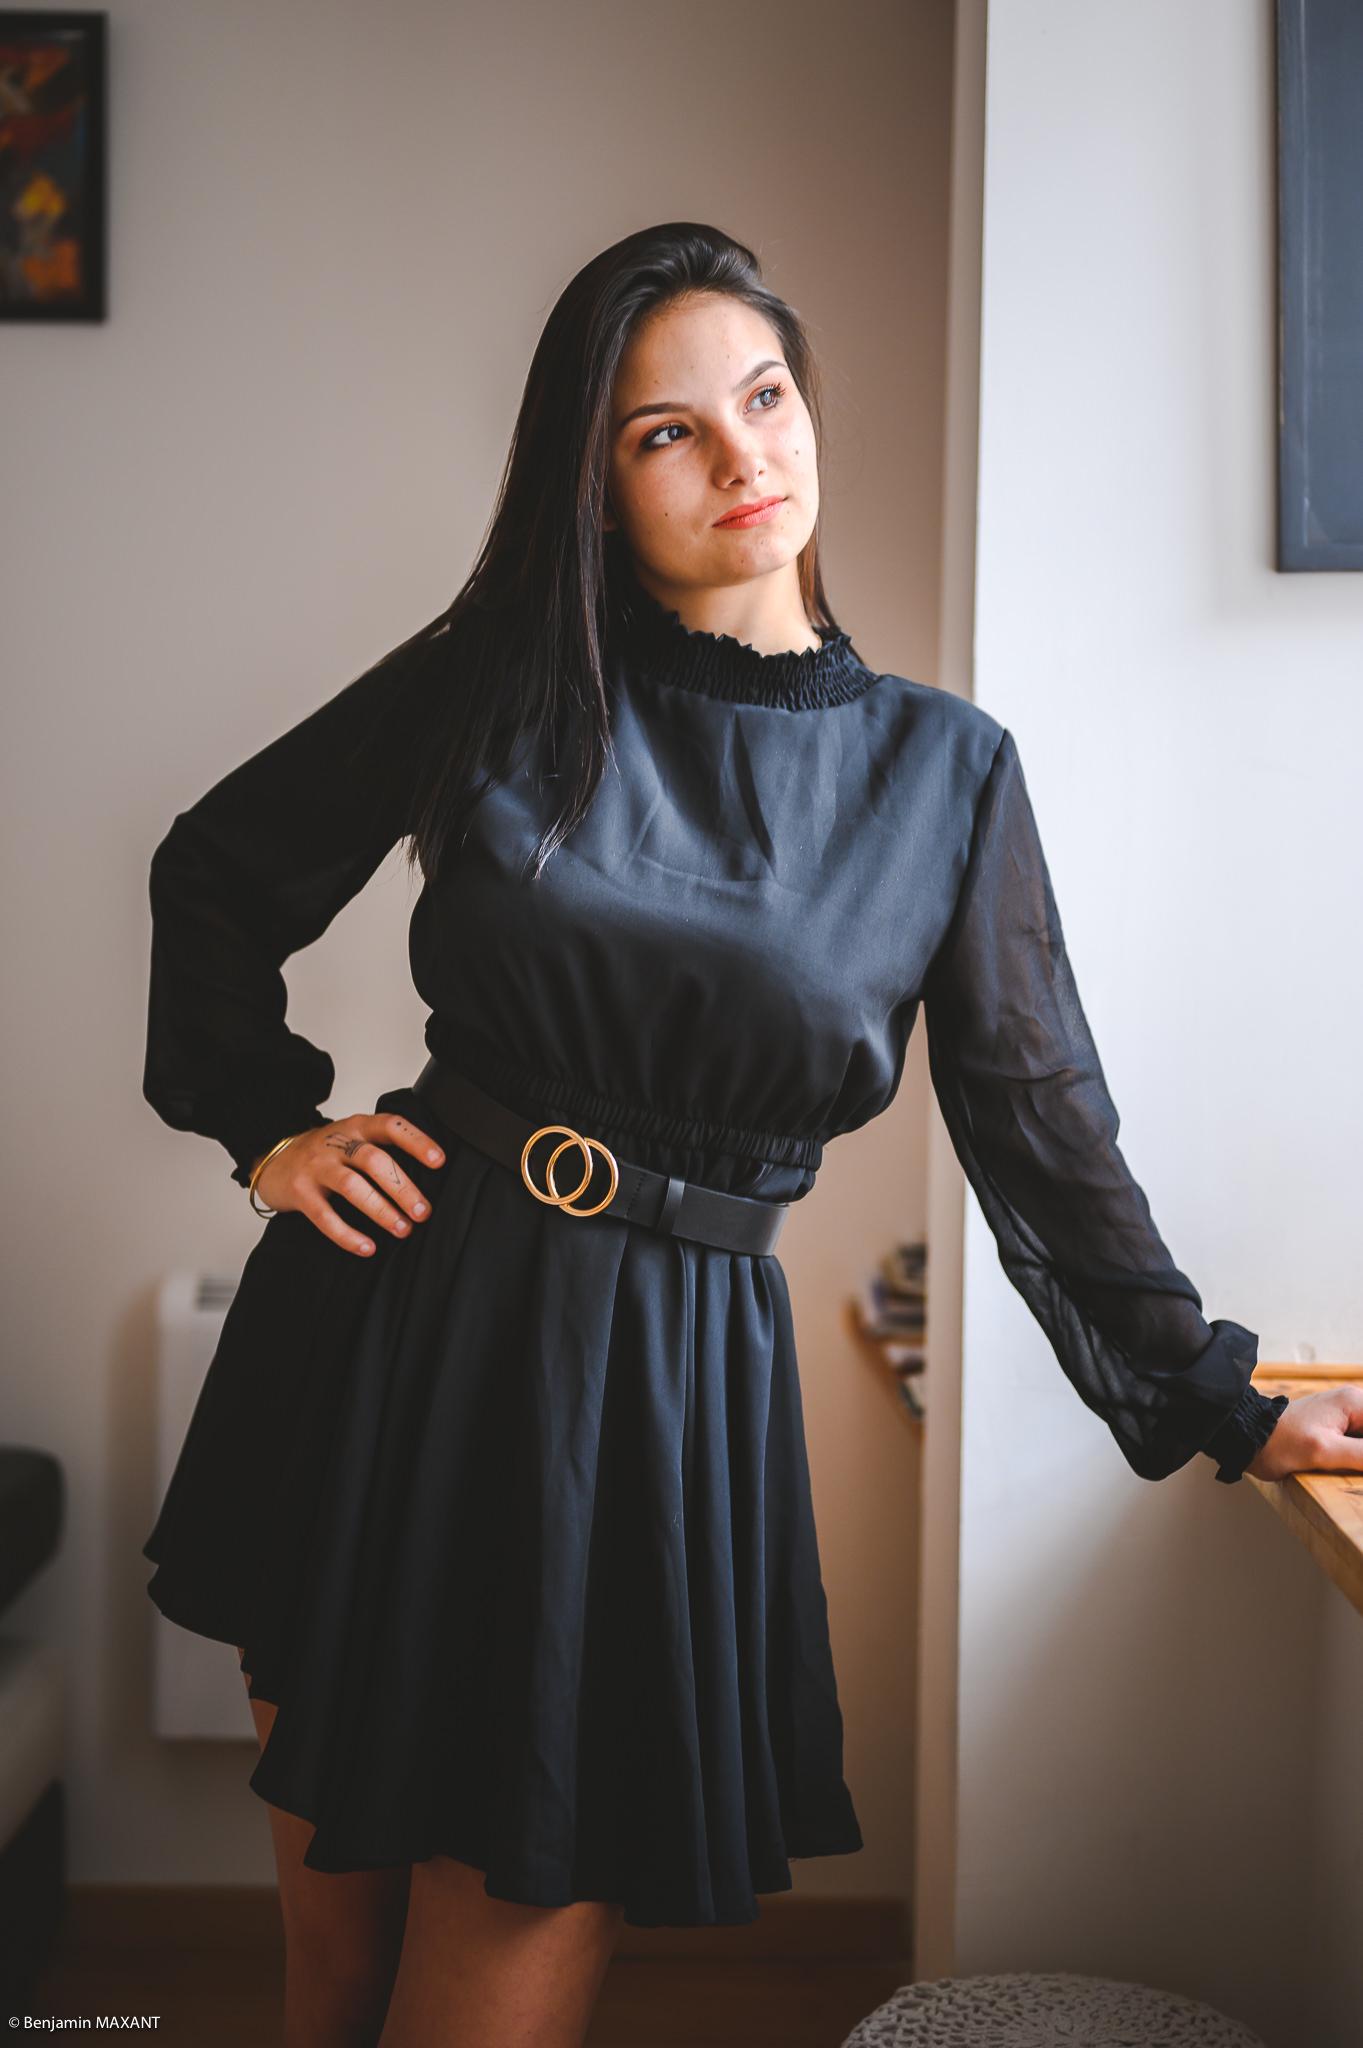 Séance photo boudoir robe noire debout